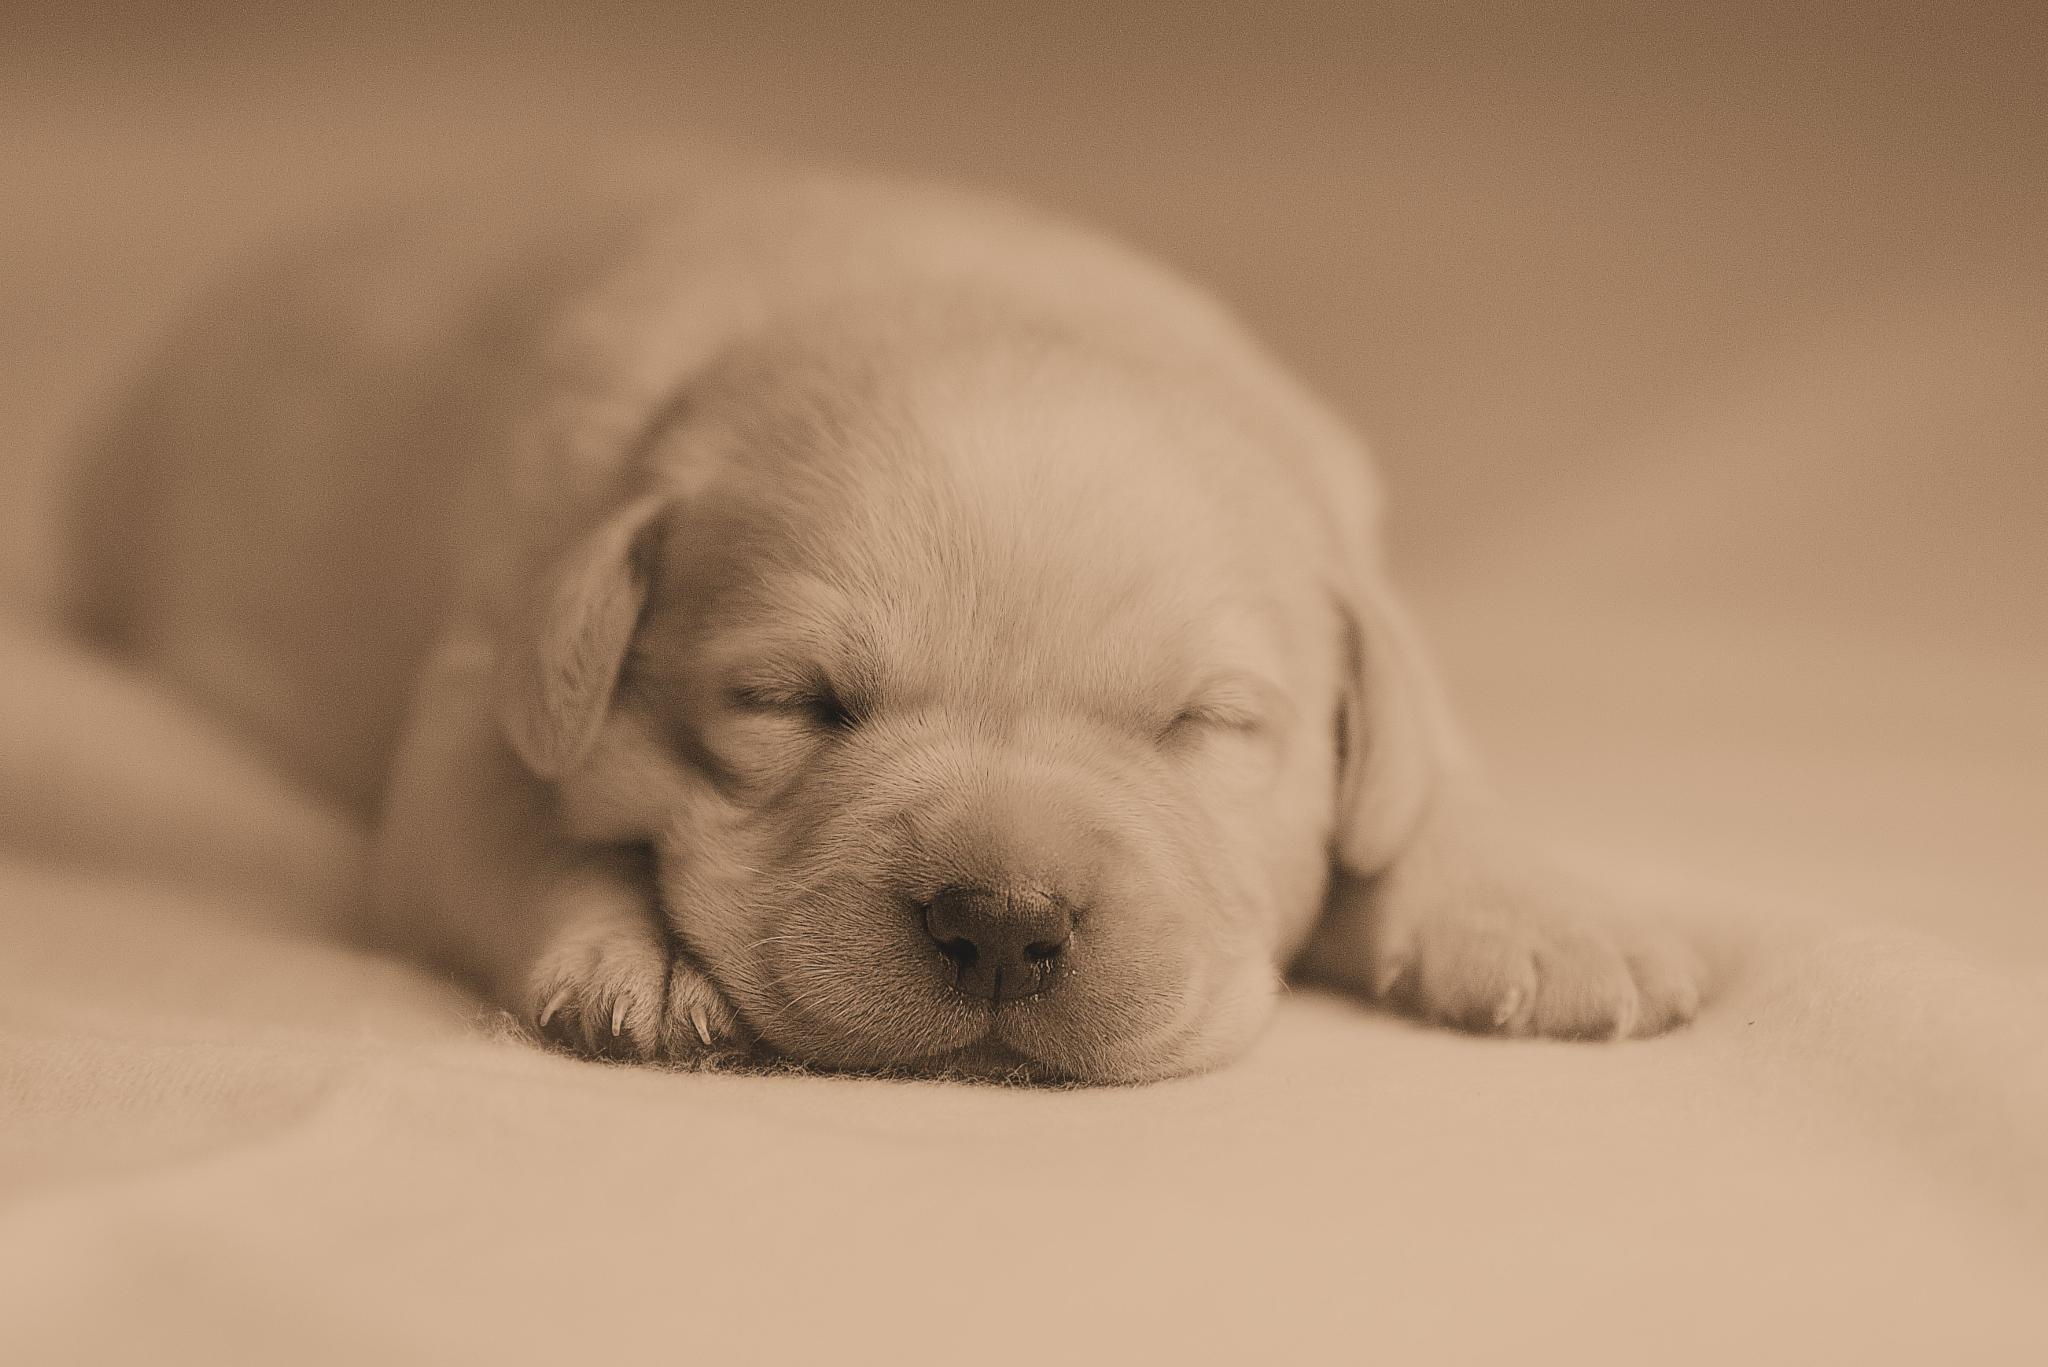 Puppy by danni.schmidt2101